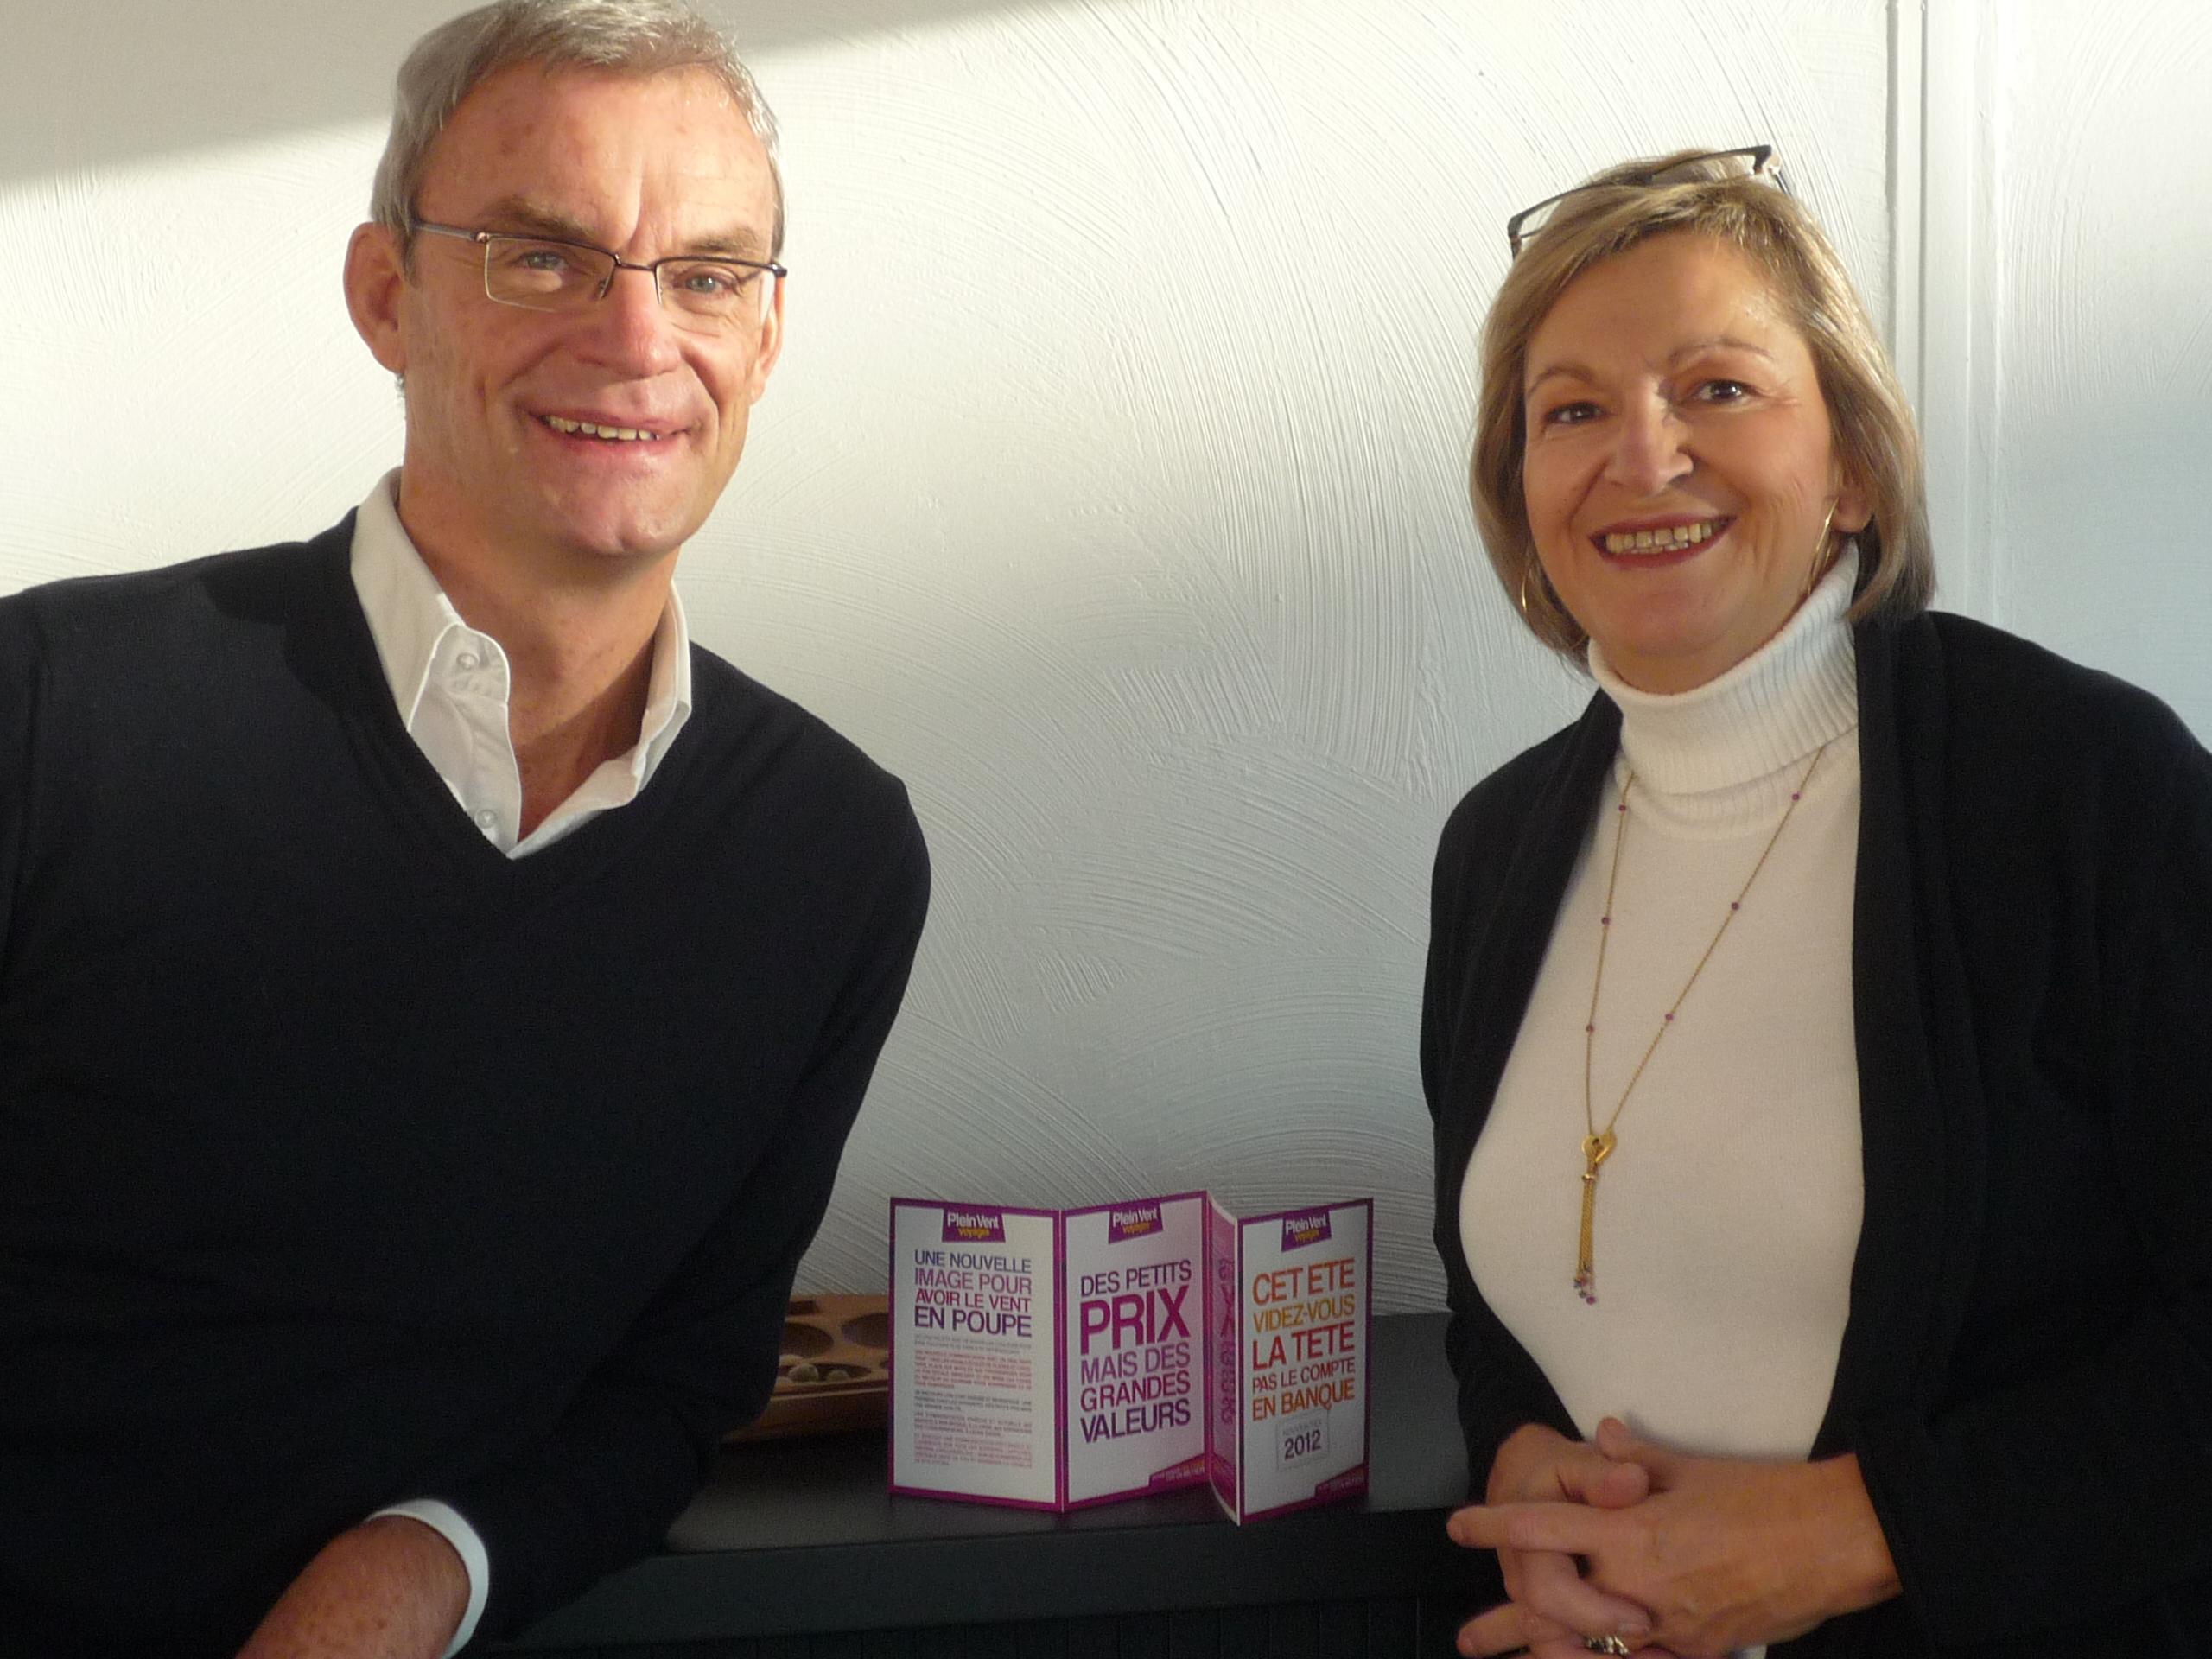 Joost Bourlon, le PDG de Plein Vent accompagné par  Carole Pellicer. Tous deux sont confiants sur l'avenir du TO. DR-Plein Vent